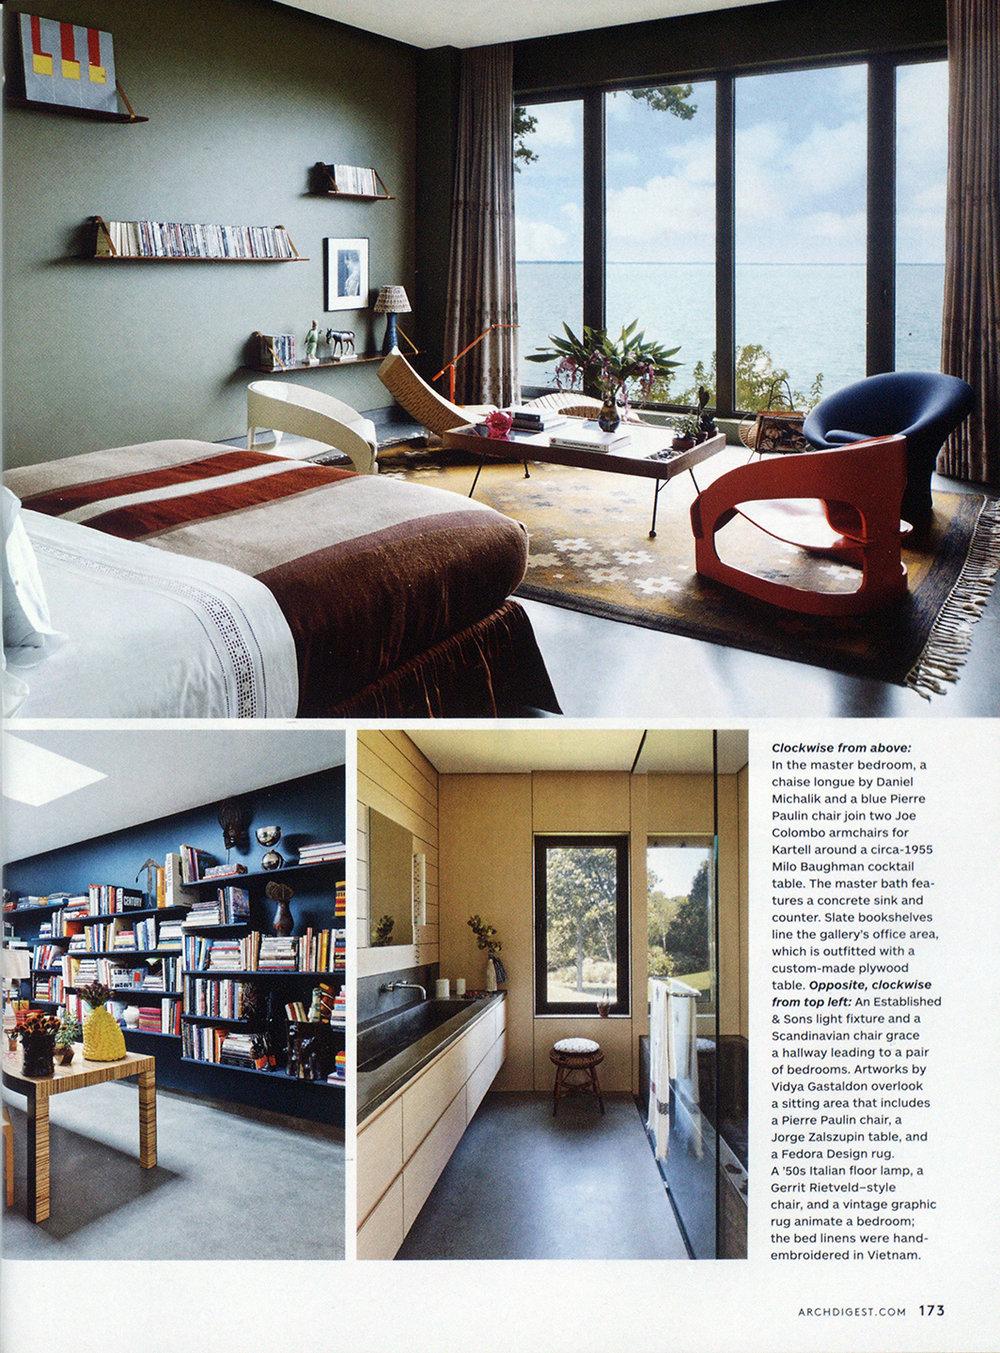 Architectural Digest173.jpg